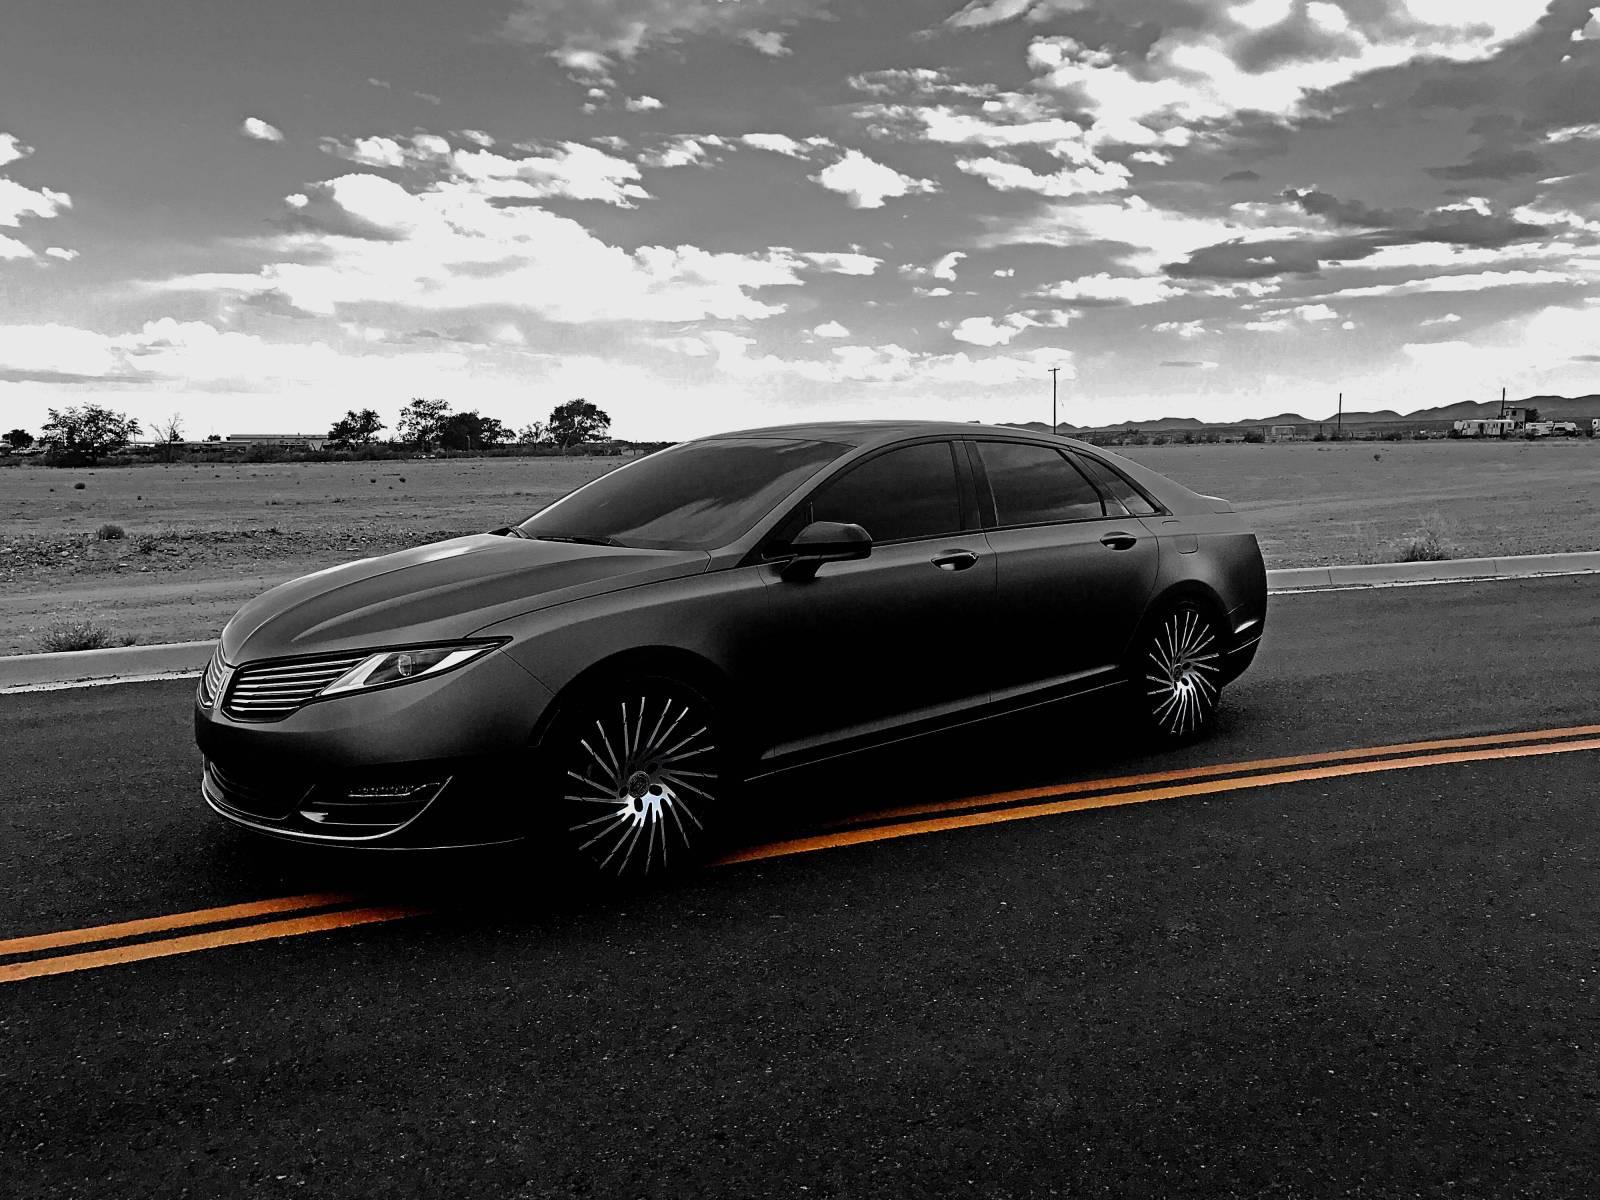 2014 MKZ 3M Wrapped in Satin Dark Grey. 20 inch Lexani wheels